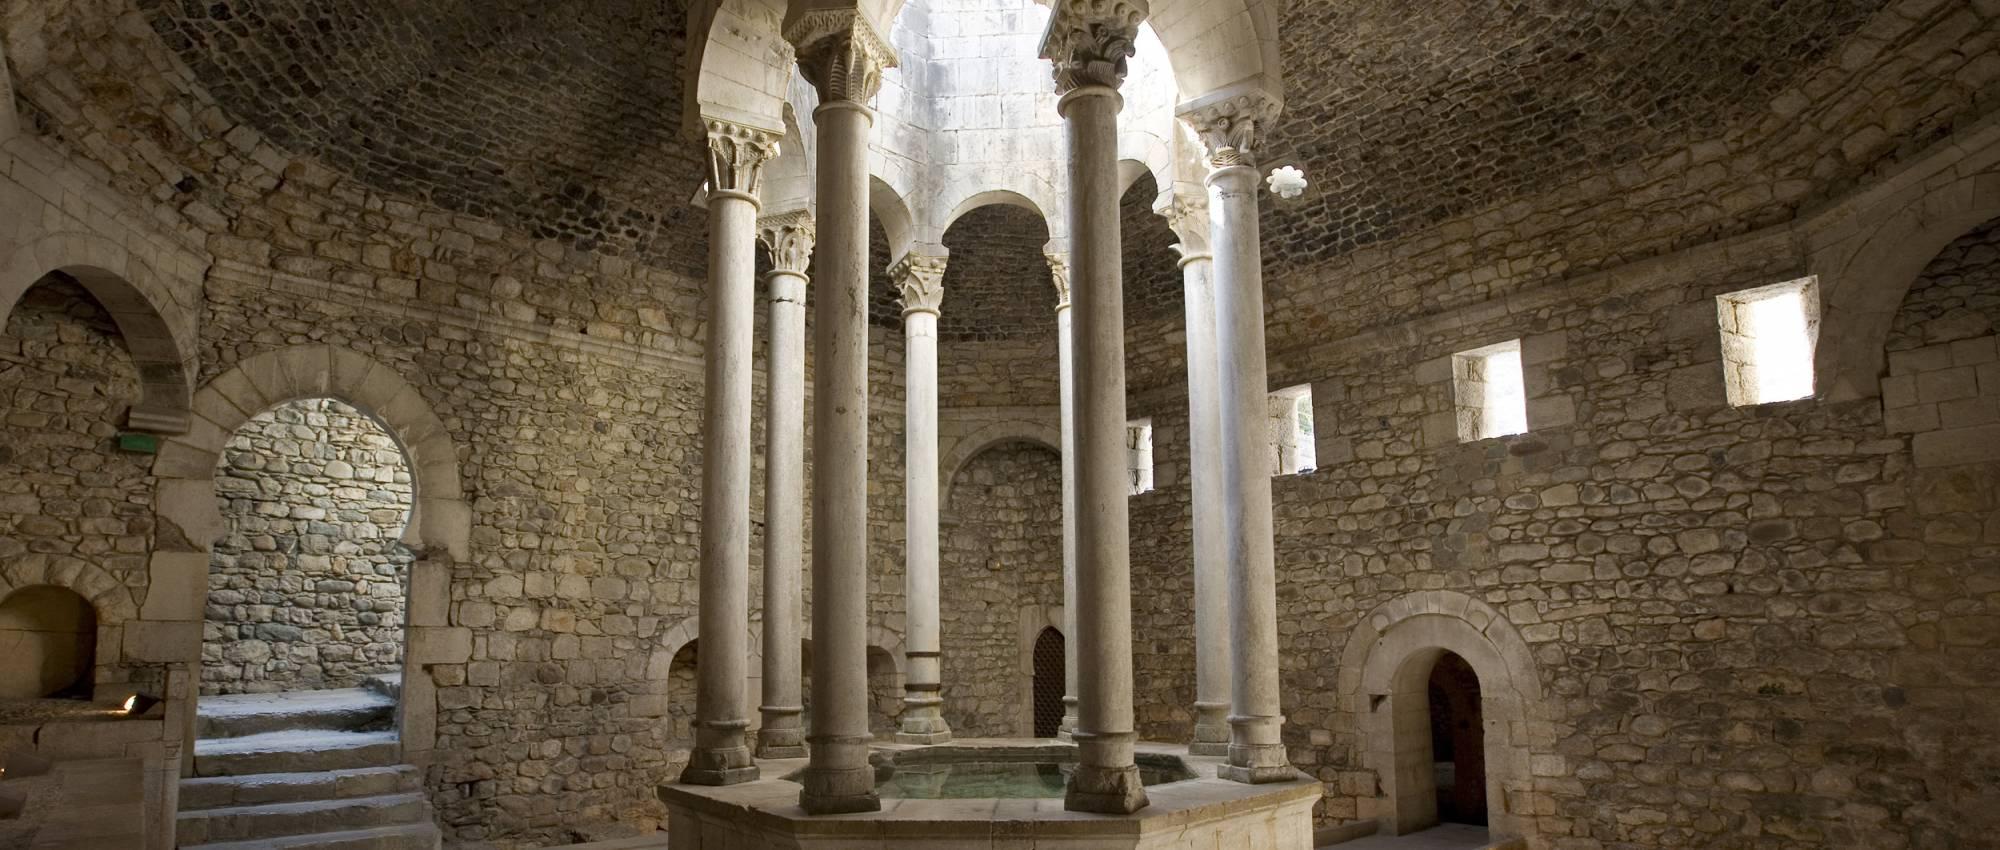 Baños Romanos Girona:Girona medieval